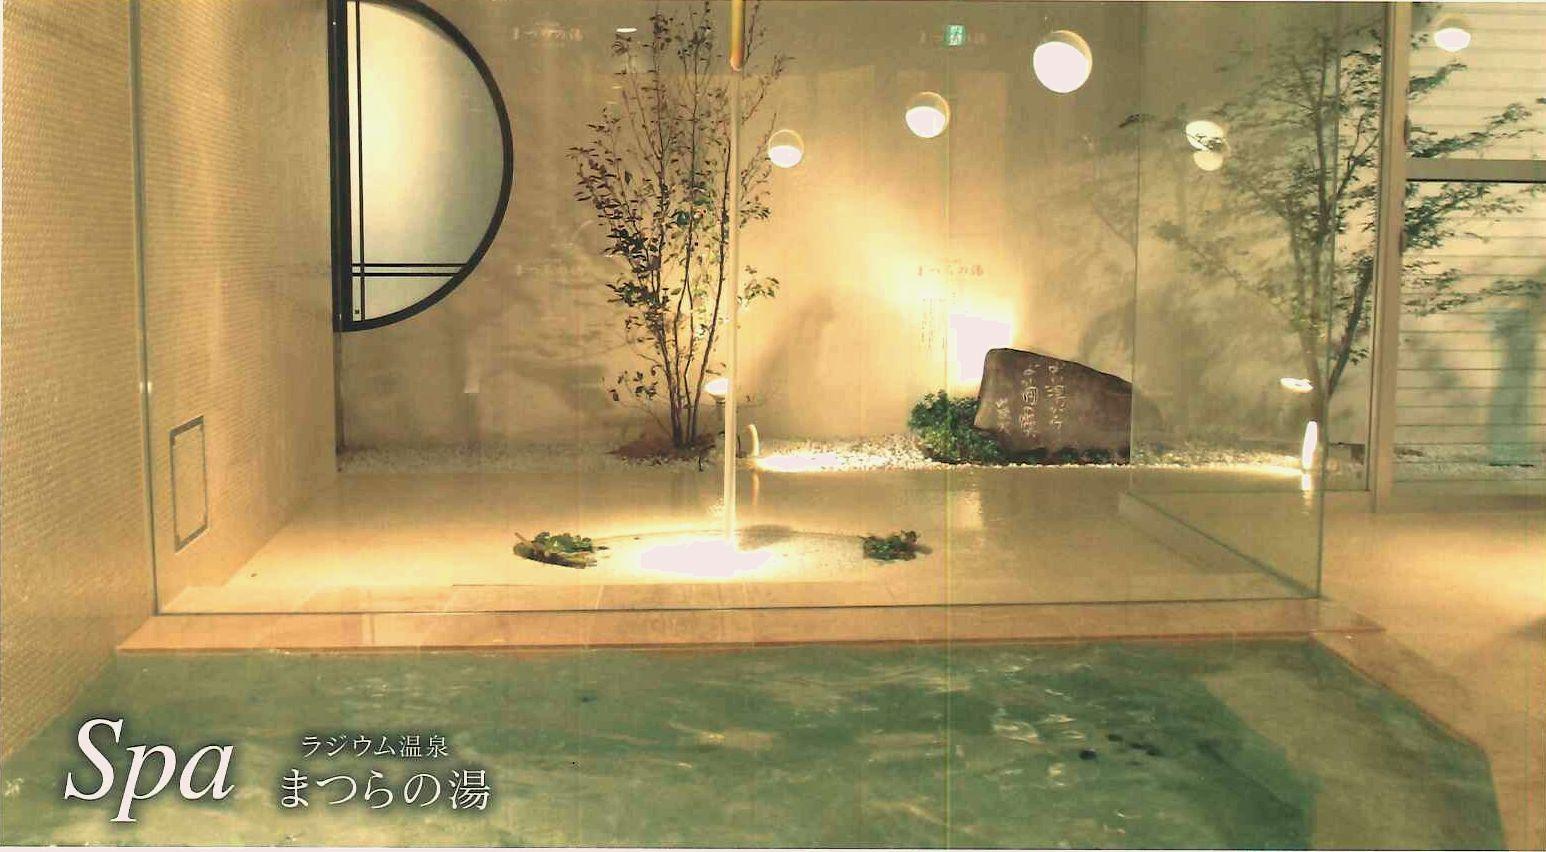 松浦シティホテル 関連画像 3枚目 楽天トラベル提供